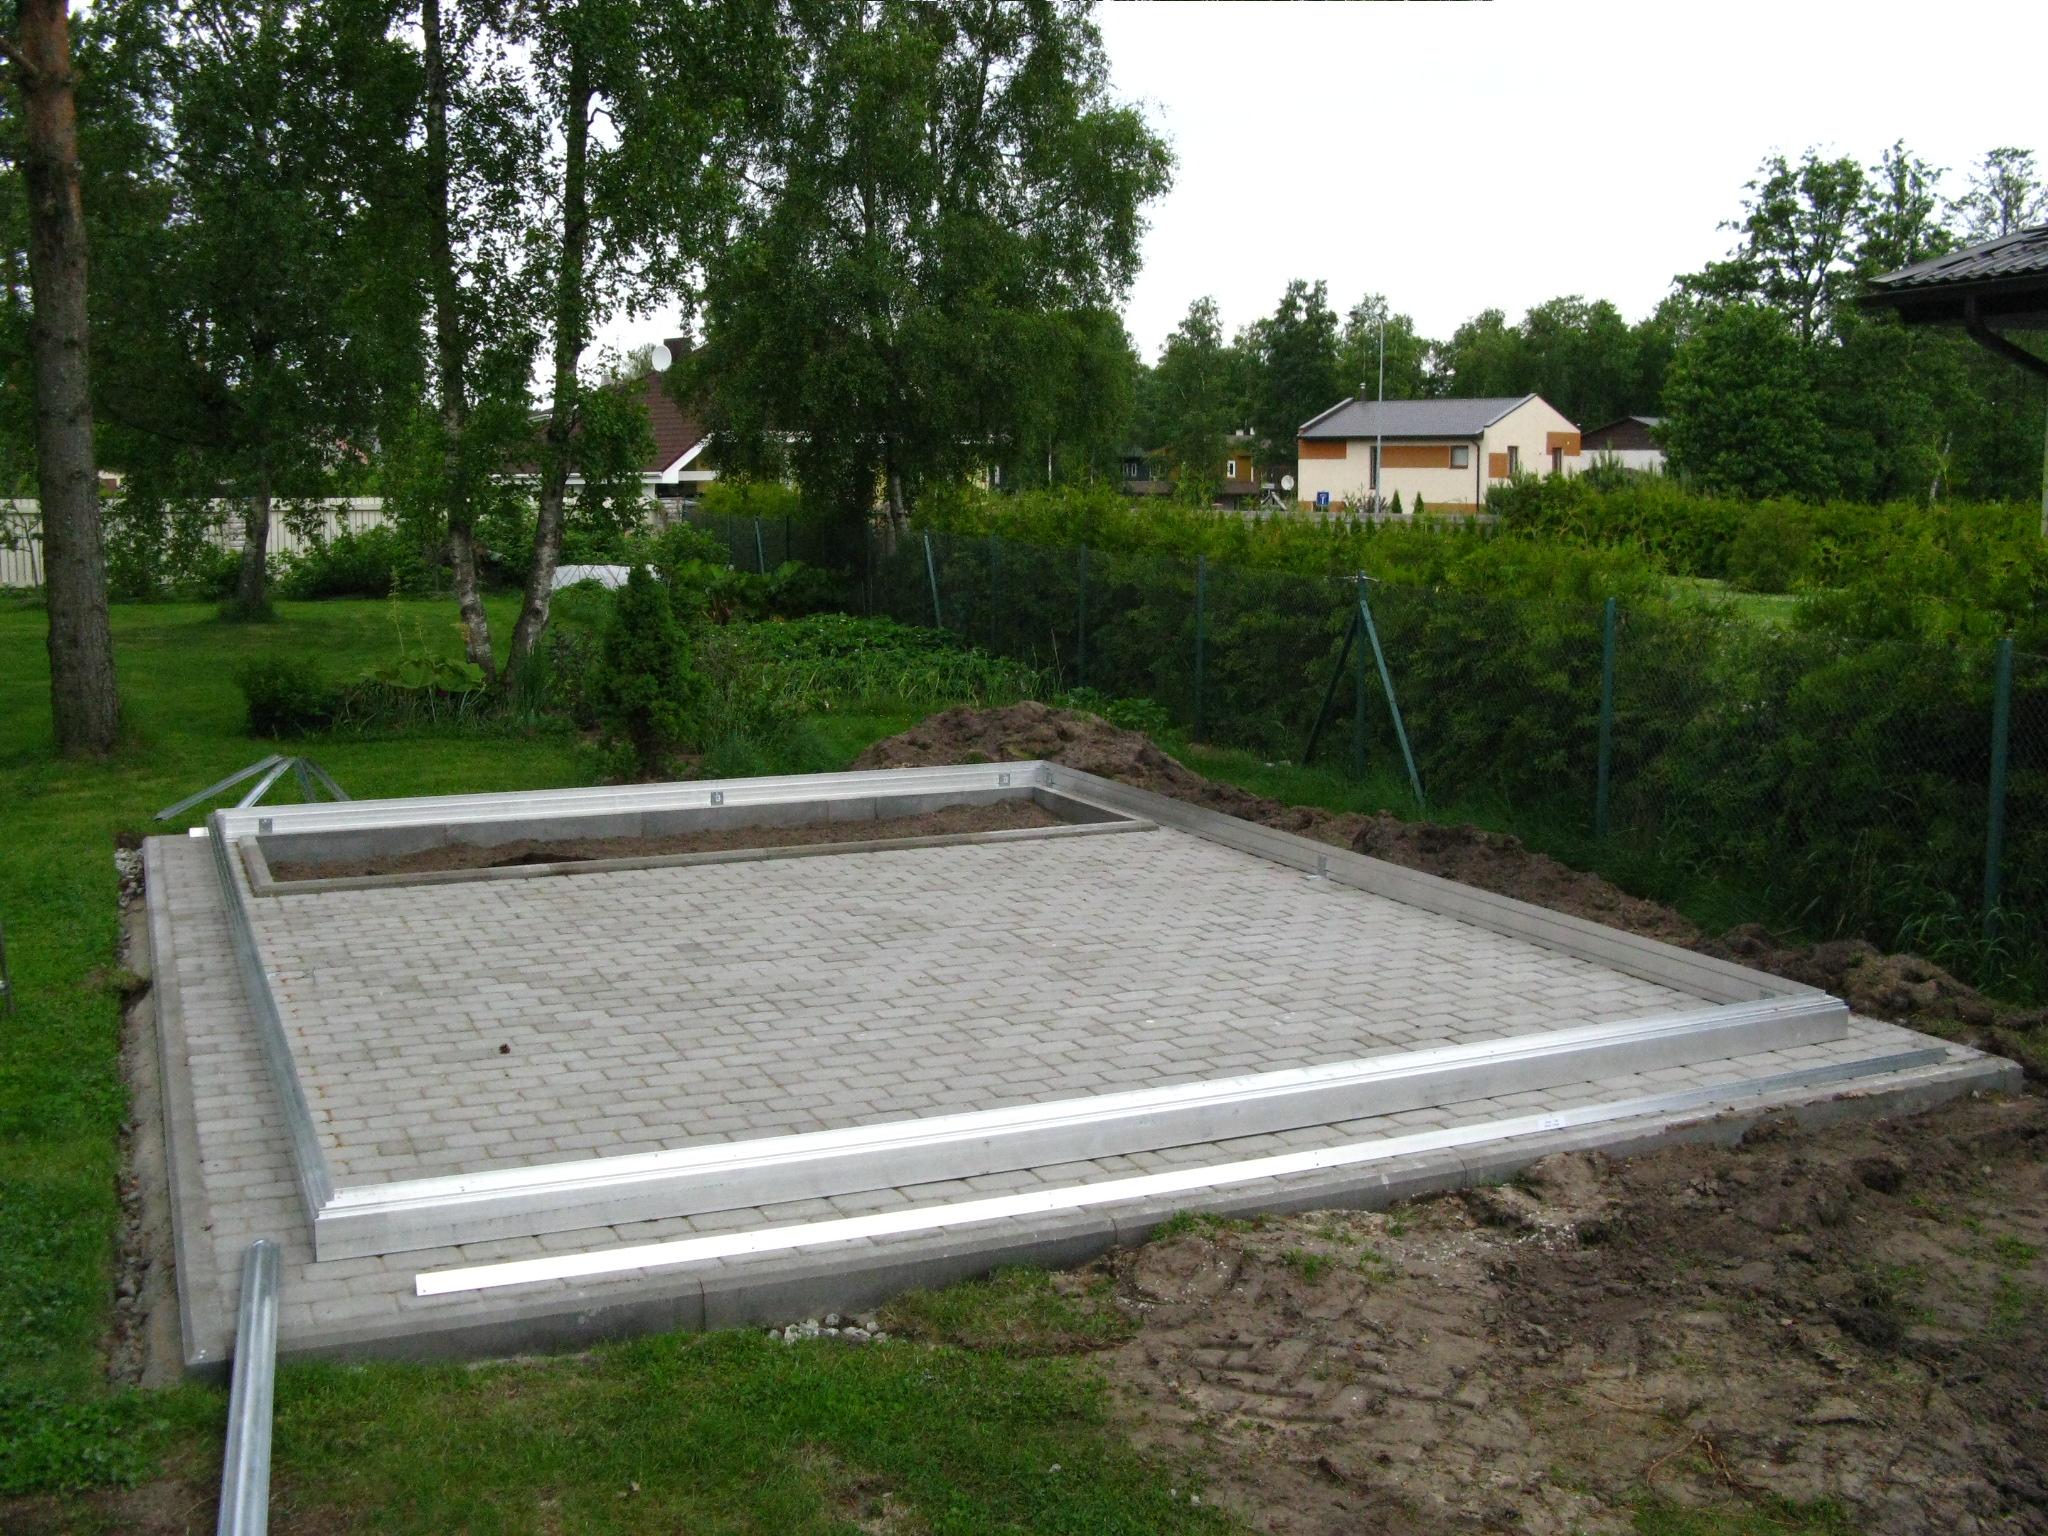 Kasvuhoone vundamendina võib kasutada ka kiviplaatidest laotud kindlat alust. Sellel nn plaatvundamendile on hea paigaldada ja sisepind jääb kergesti hooldatav kivipõrand.